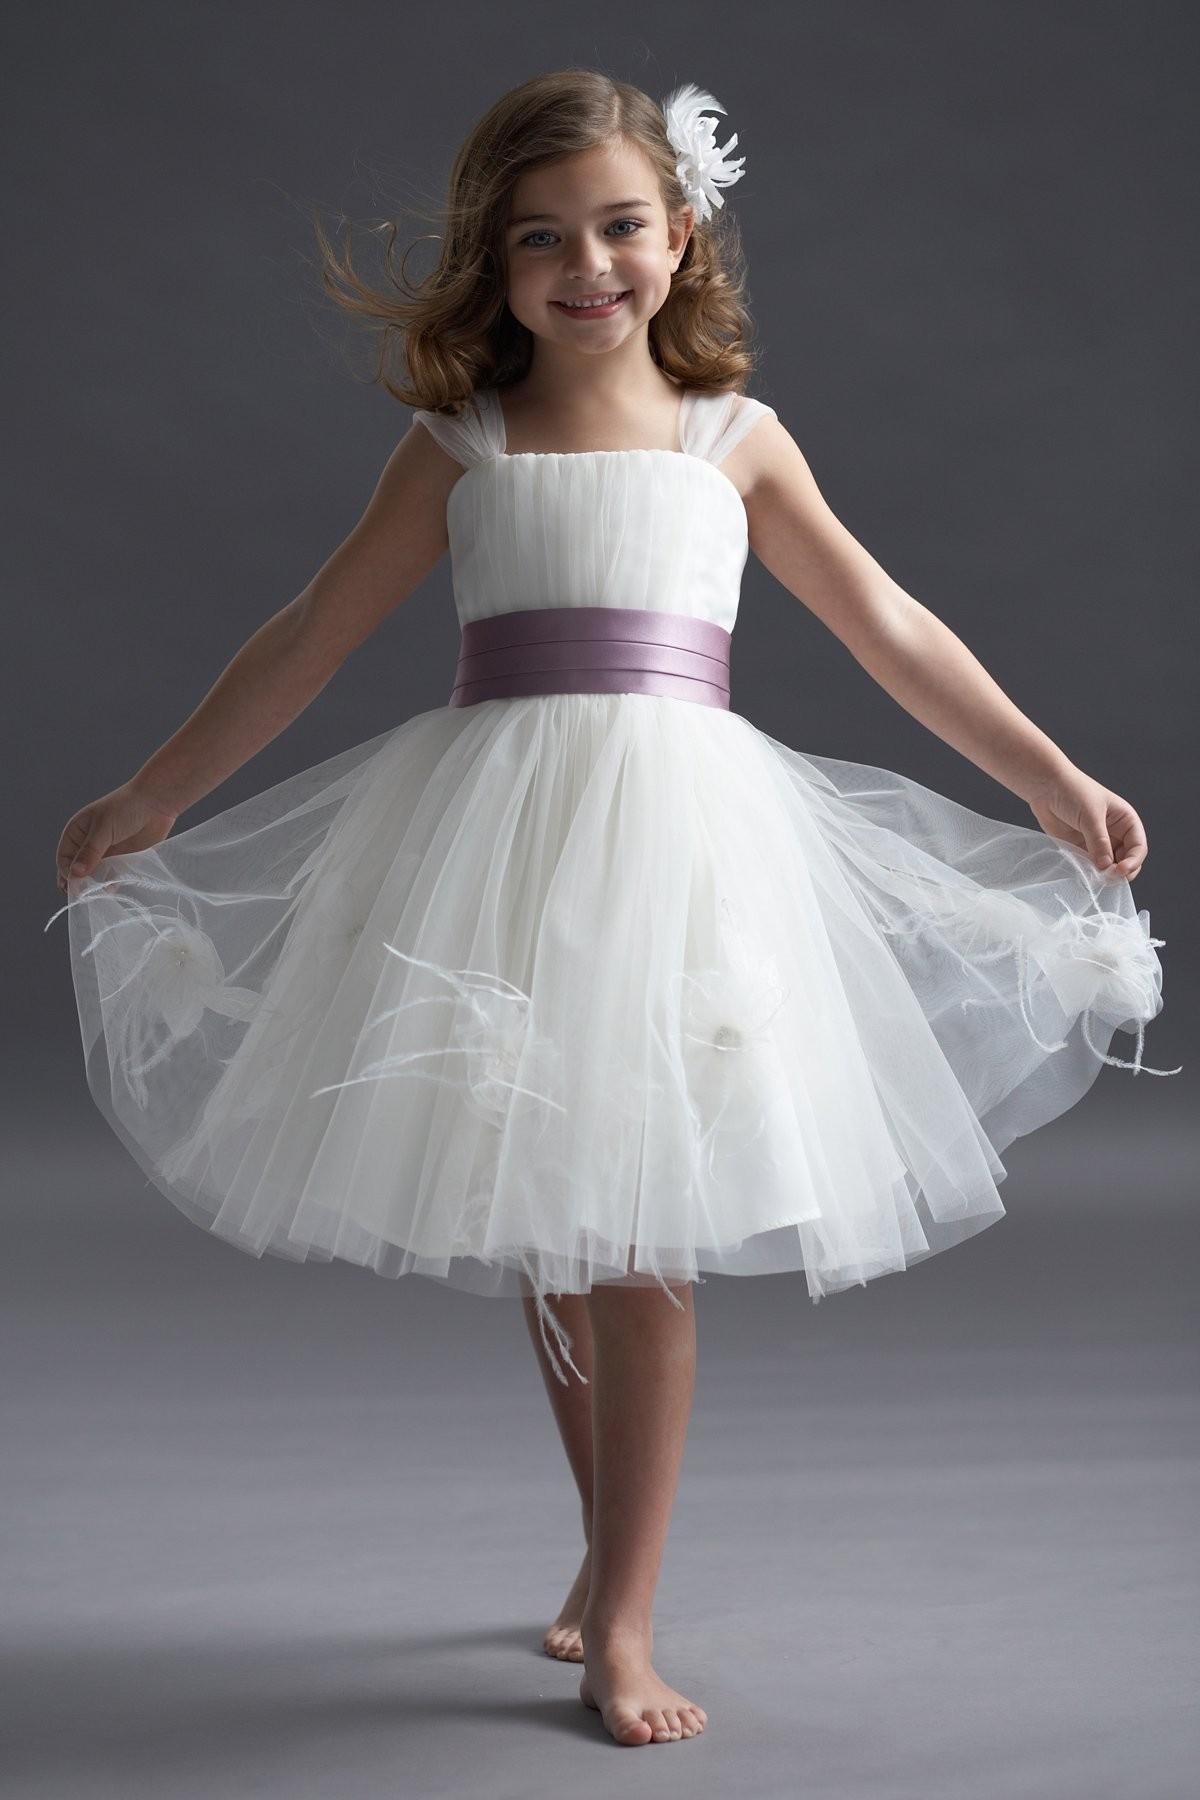 بالصور فساتين اطفال من الانستقرام , صور اجمل فستان للبنوتة 3132 1